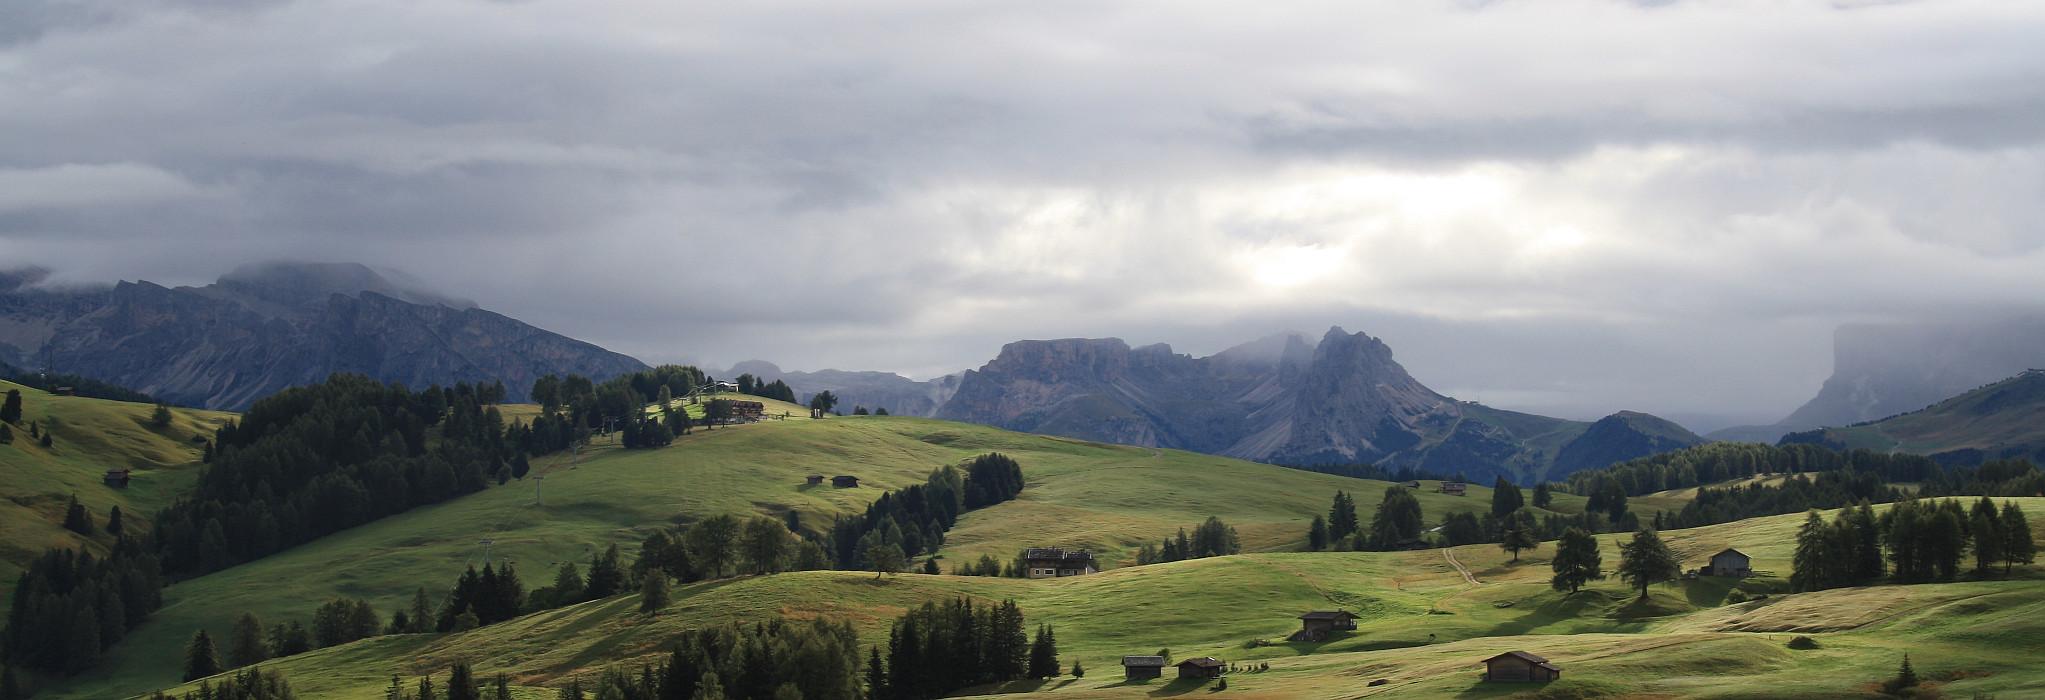 Seiser Alm, Südtirol, Alpen, Dolomiten